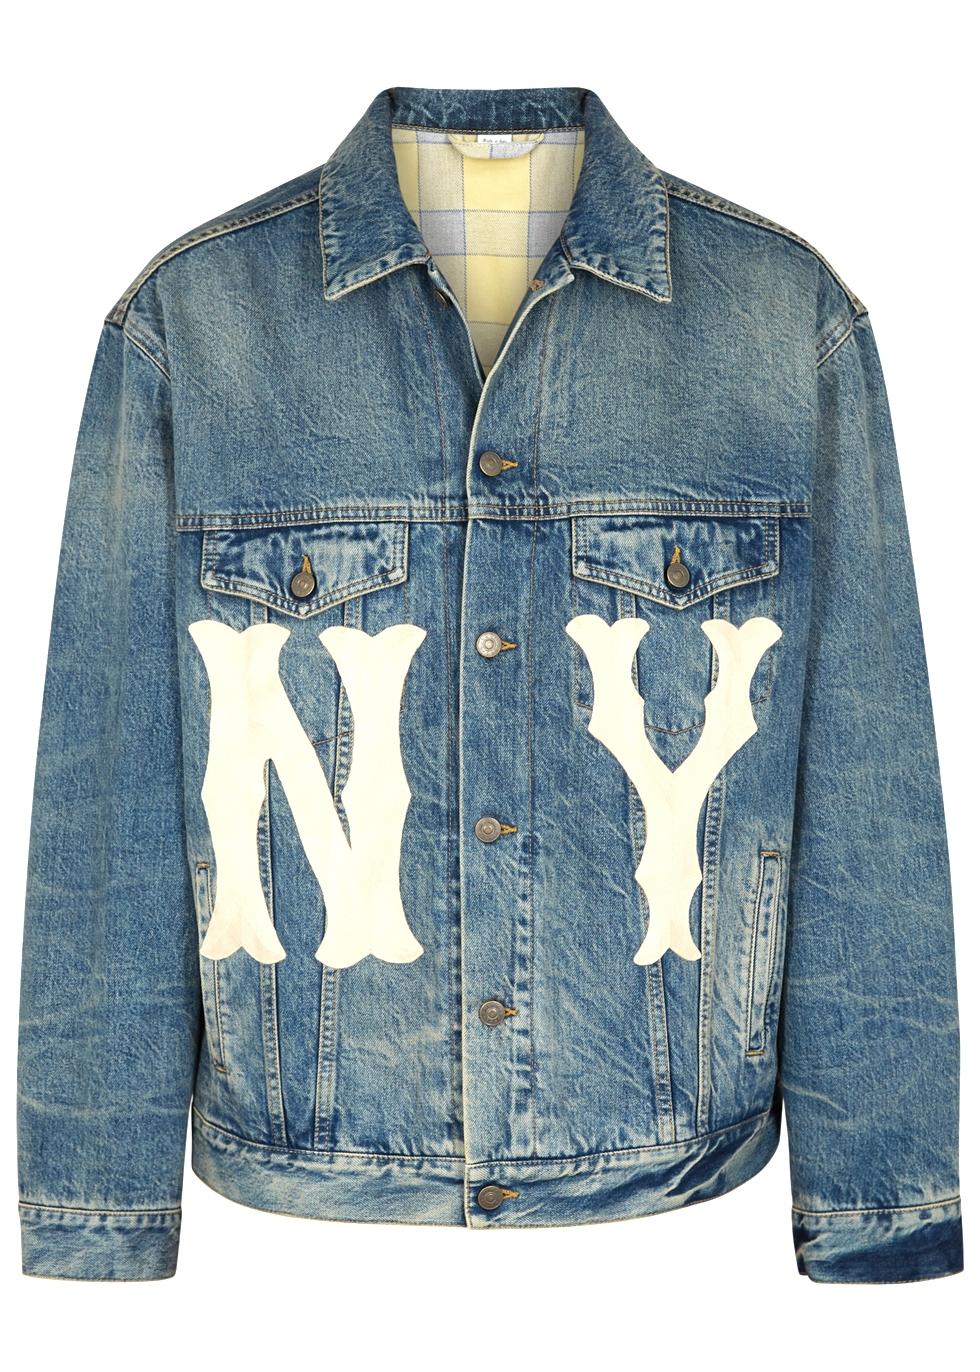 Denim Jacket With Ny Yankees&Trade; Patch, Blue Stonewashed Denim